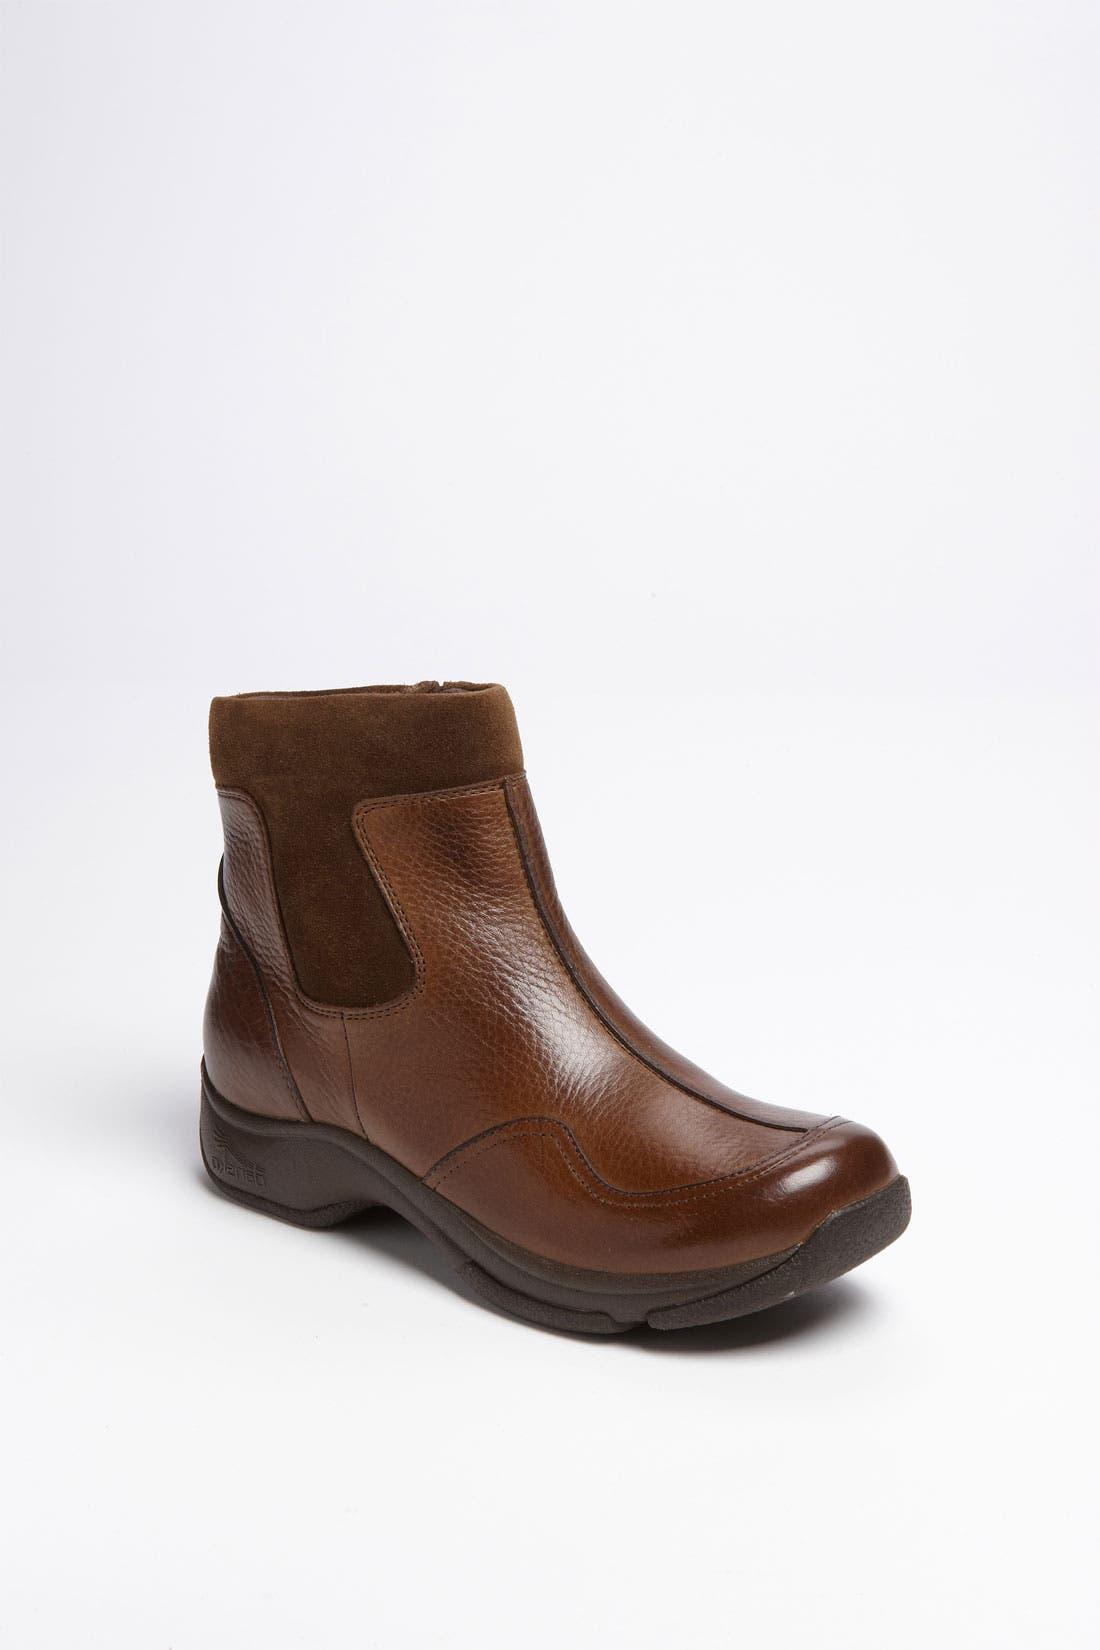 Alternate Image 1 Selected - Dansko 'Kat' Boot